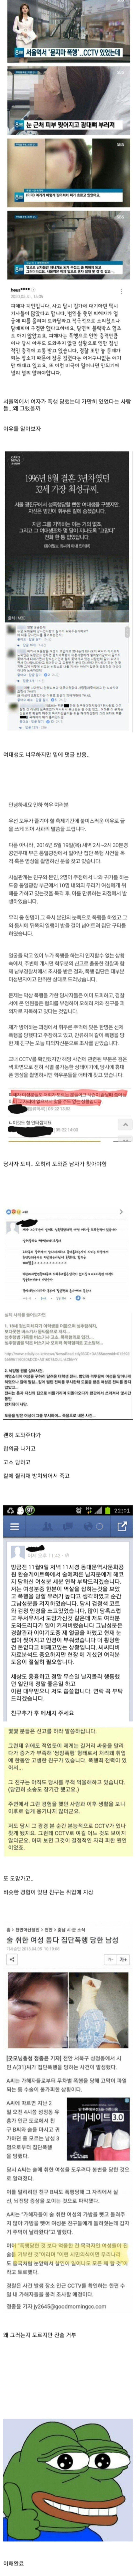 20200602153707_f44e5d3b9fb826fe3537ccadc88df7ab_b0jy.jpg 서울역사건 남자들이 안도와준 이유